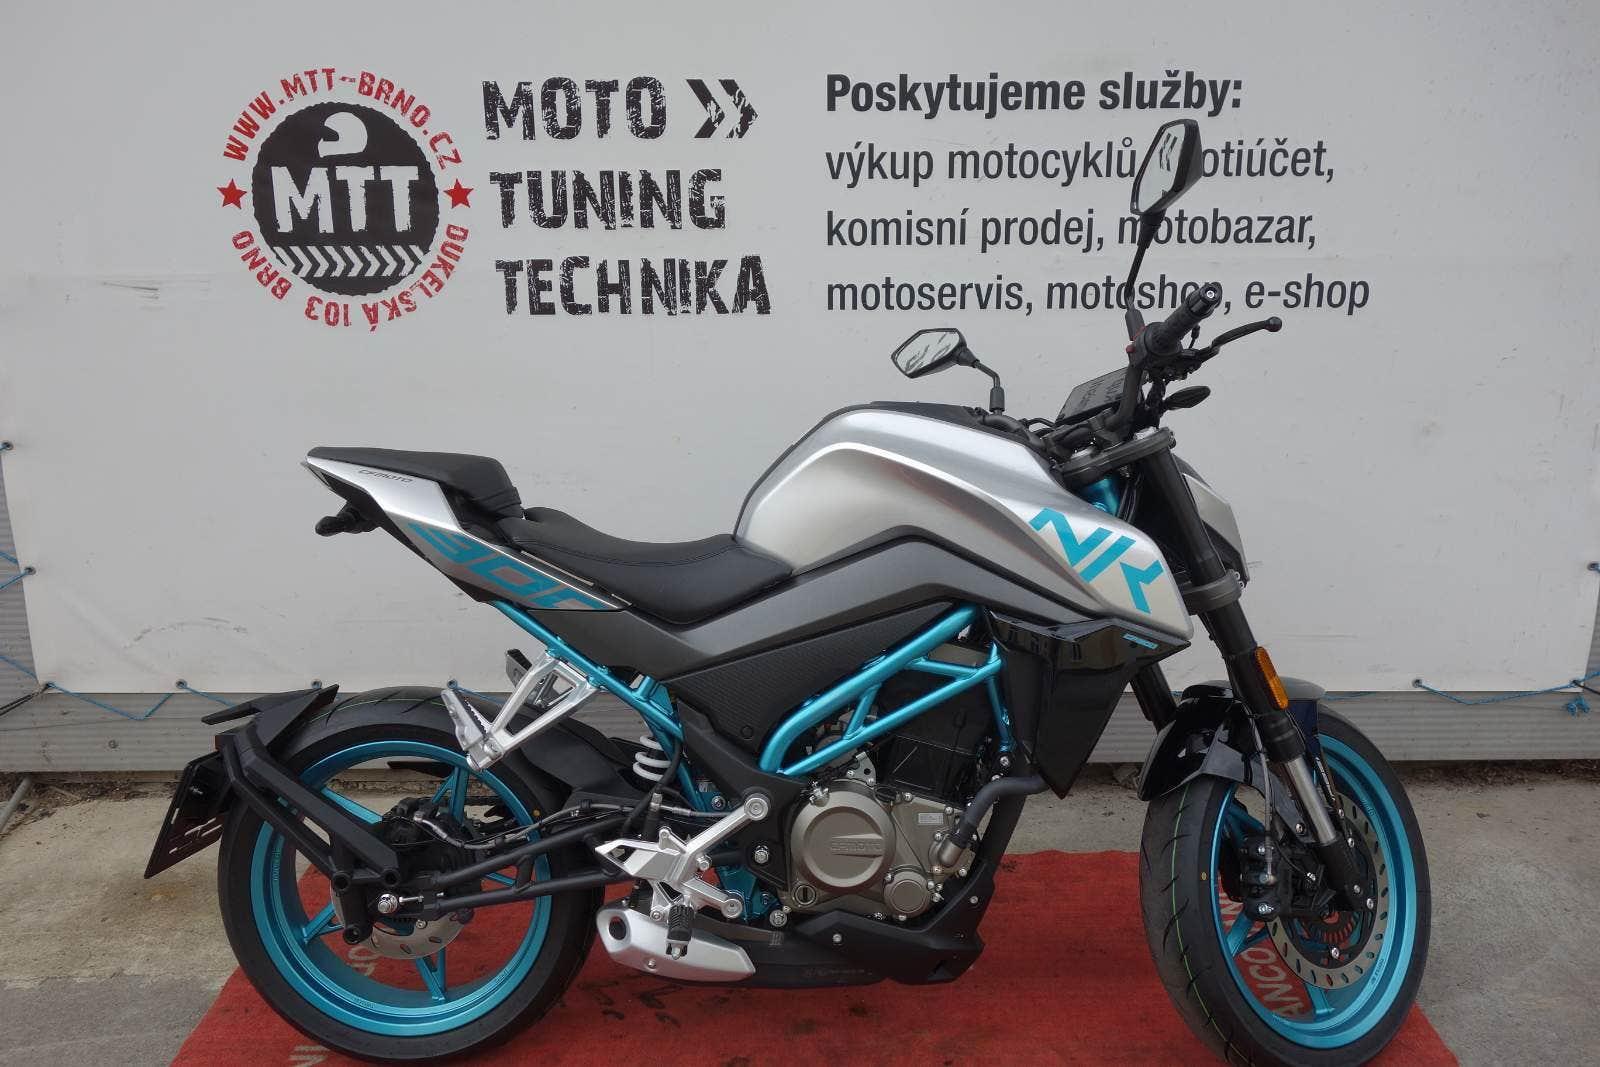 CFmoto 300 NK (NOVÁ, 2021), 89.300 Kč - TipMoto.com